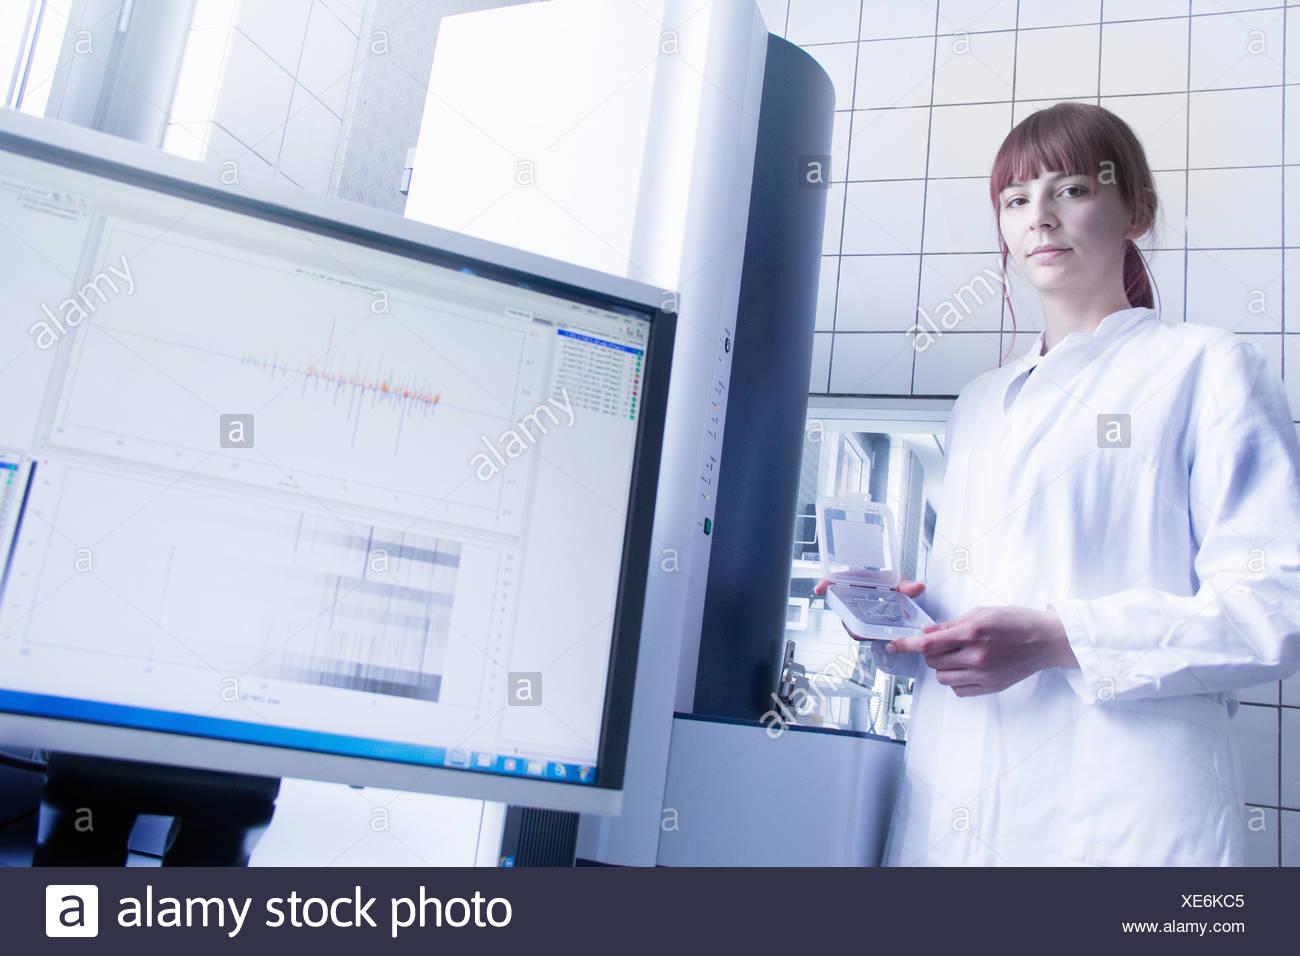 Scientist using equipment in lab Stock Photo